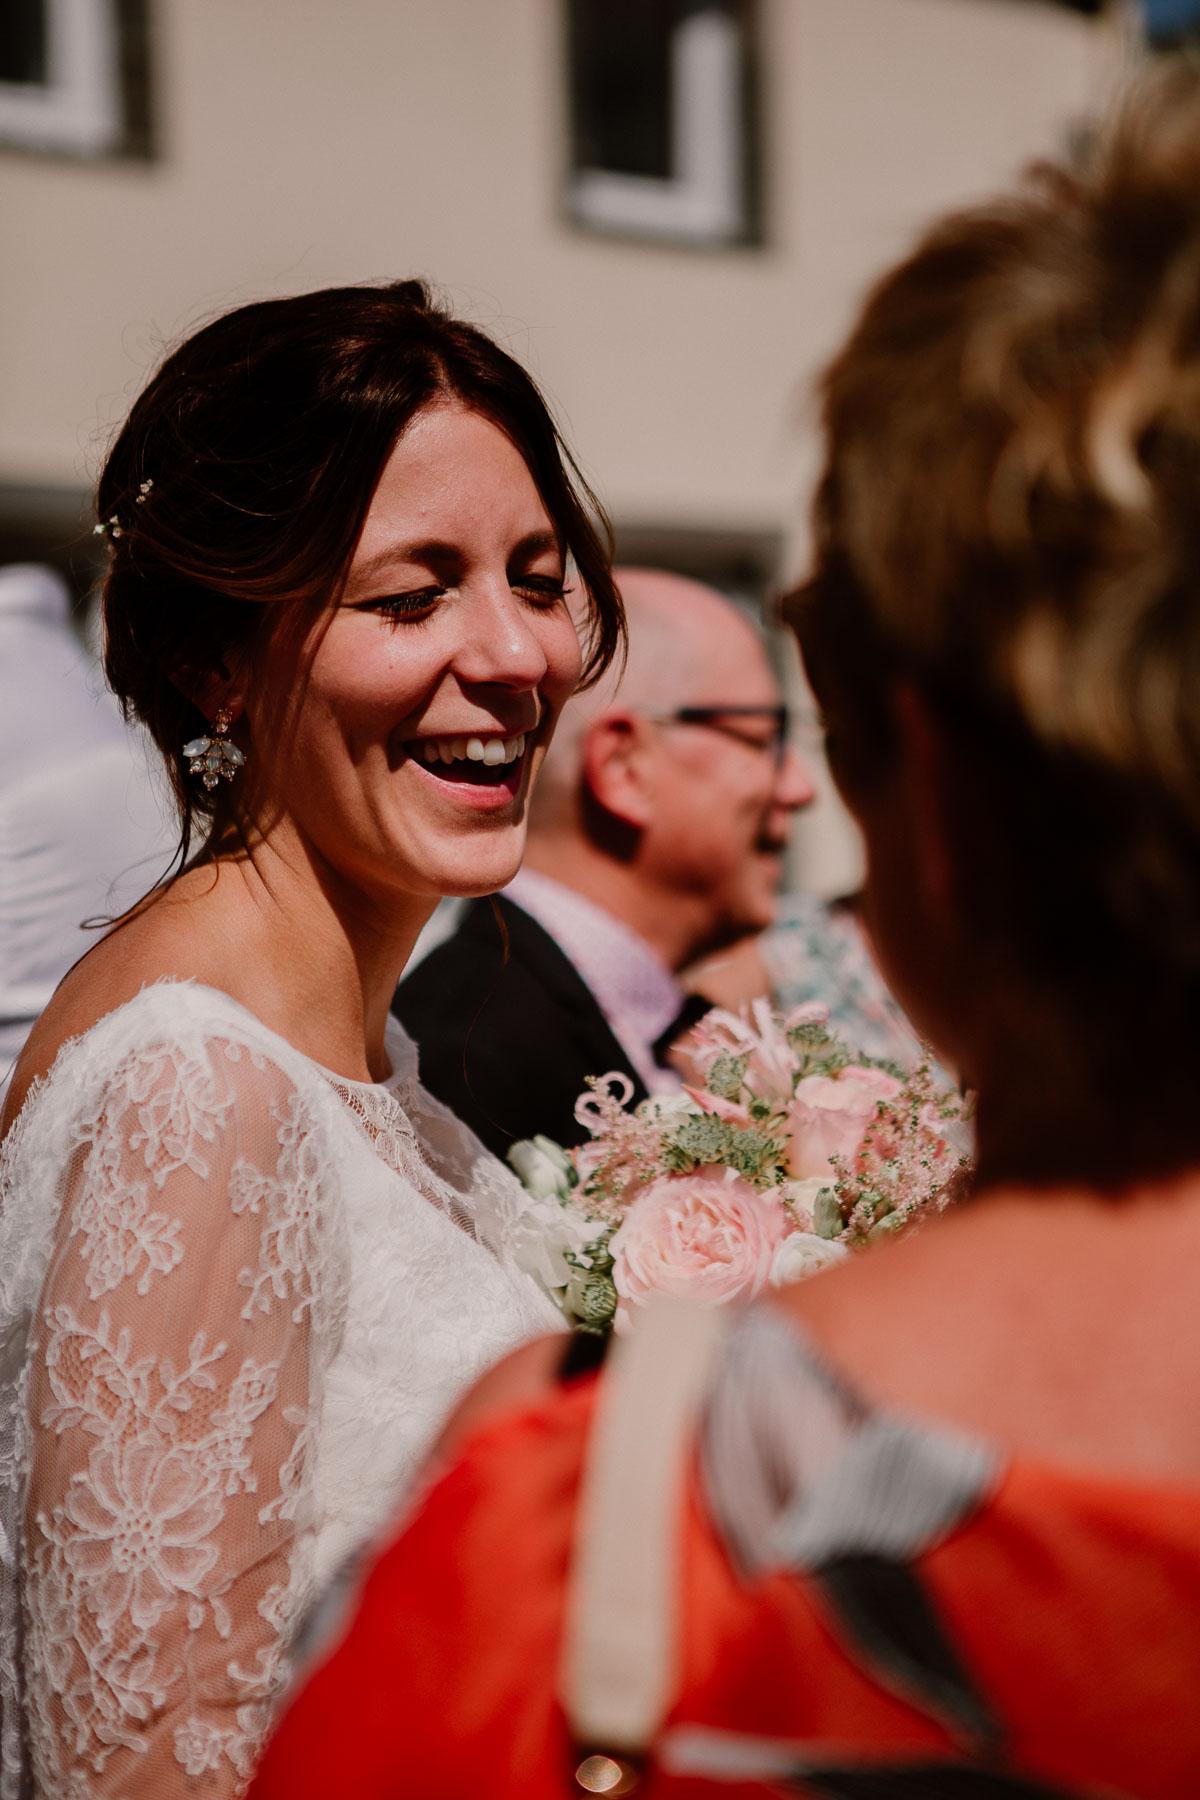 Mariage champêtre au chateau de Chazeron Auvergne sourire